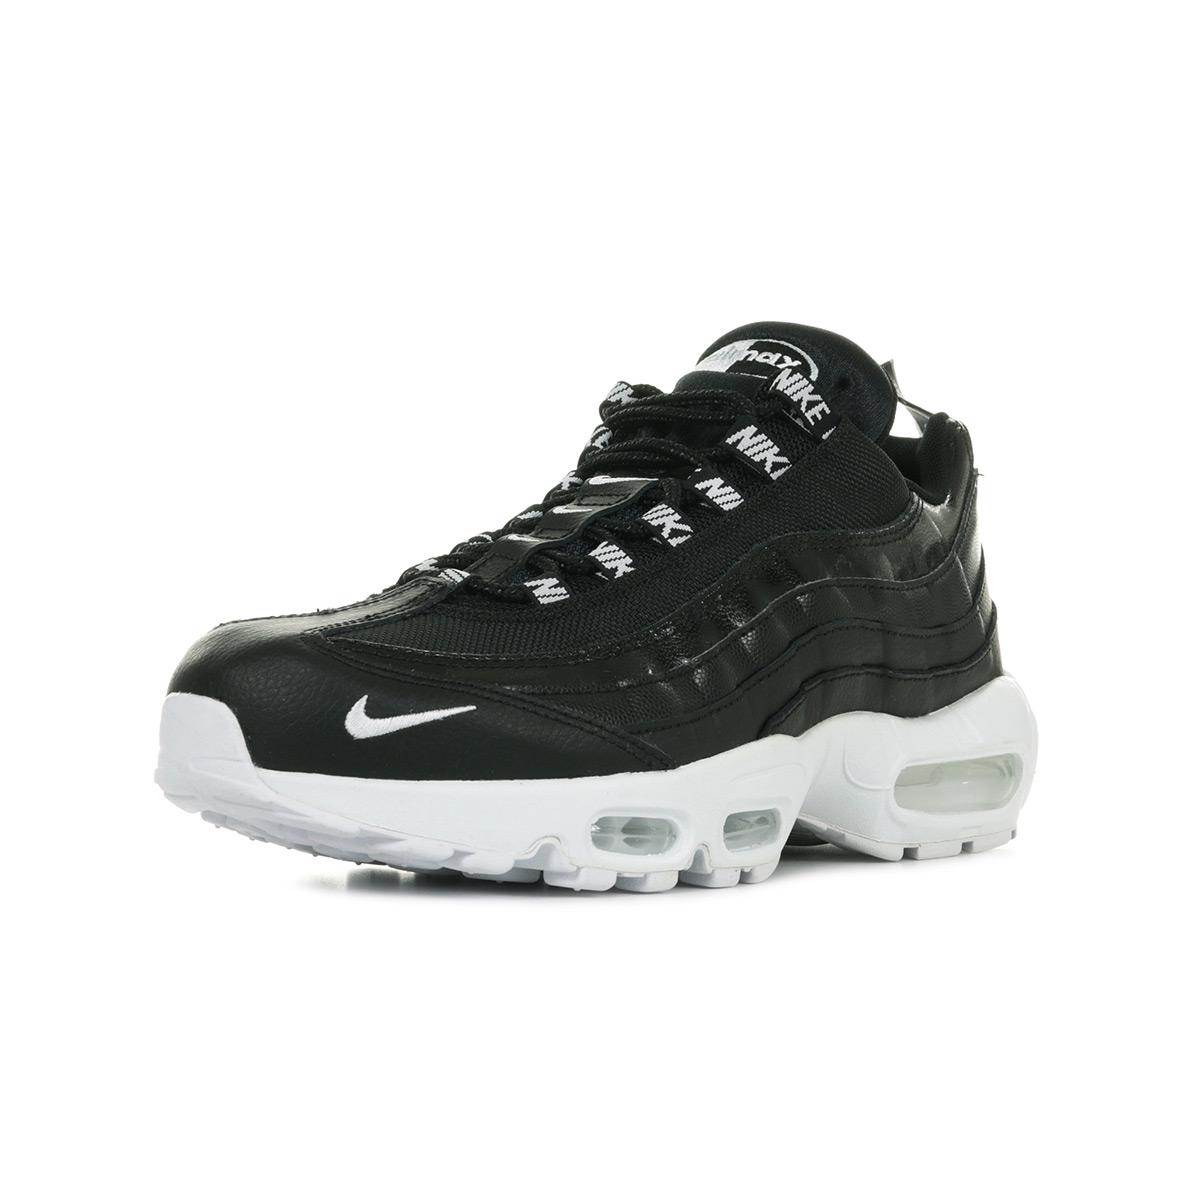 3f0372a0e11 Nike Air Max 95 Premium 538416020